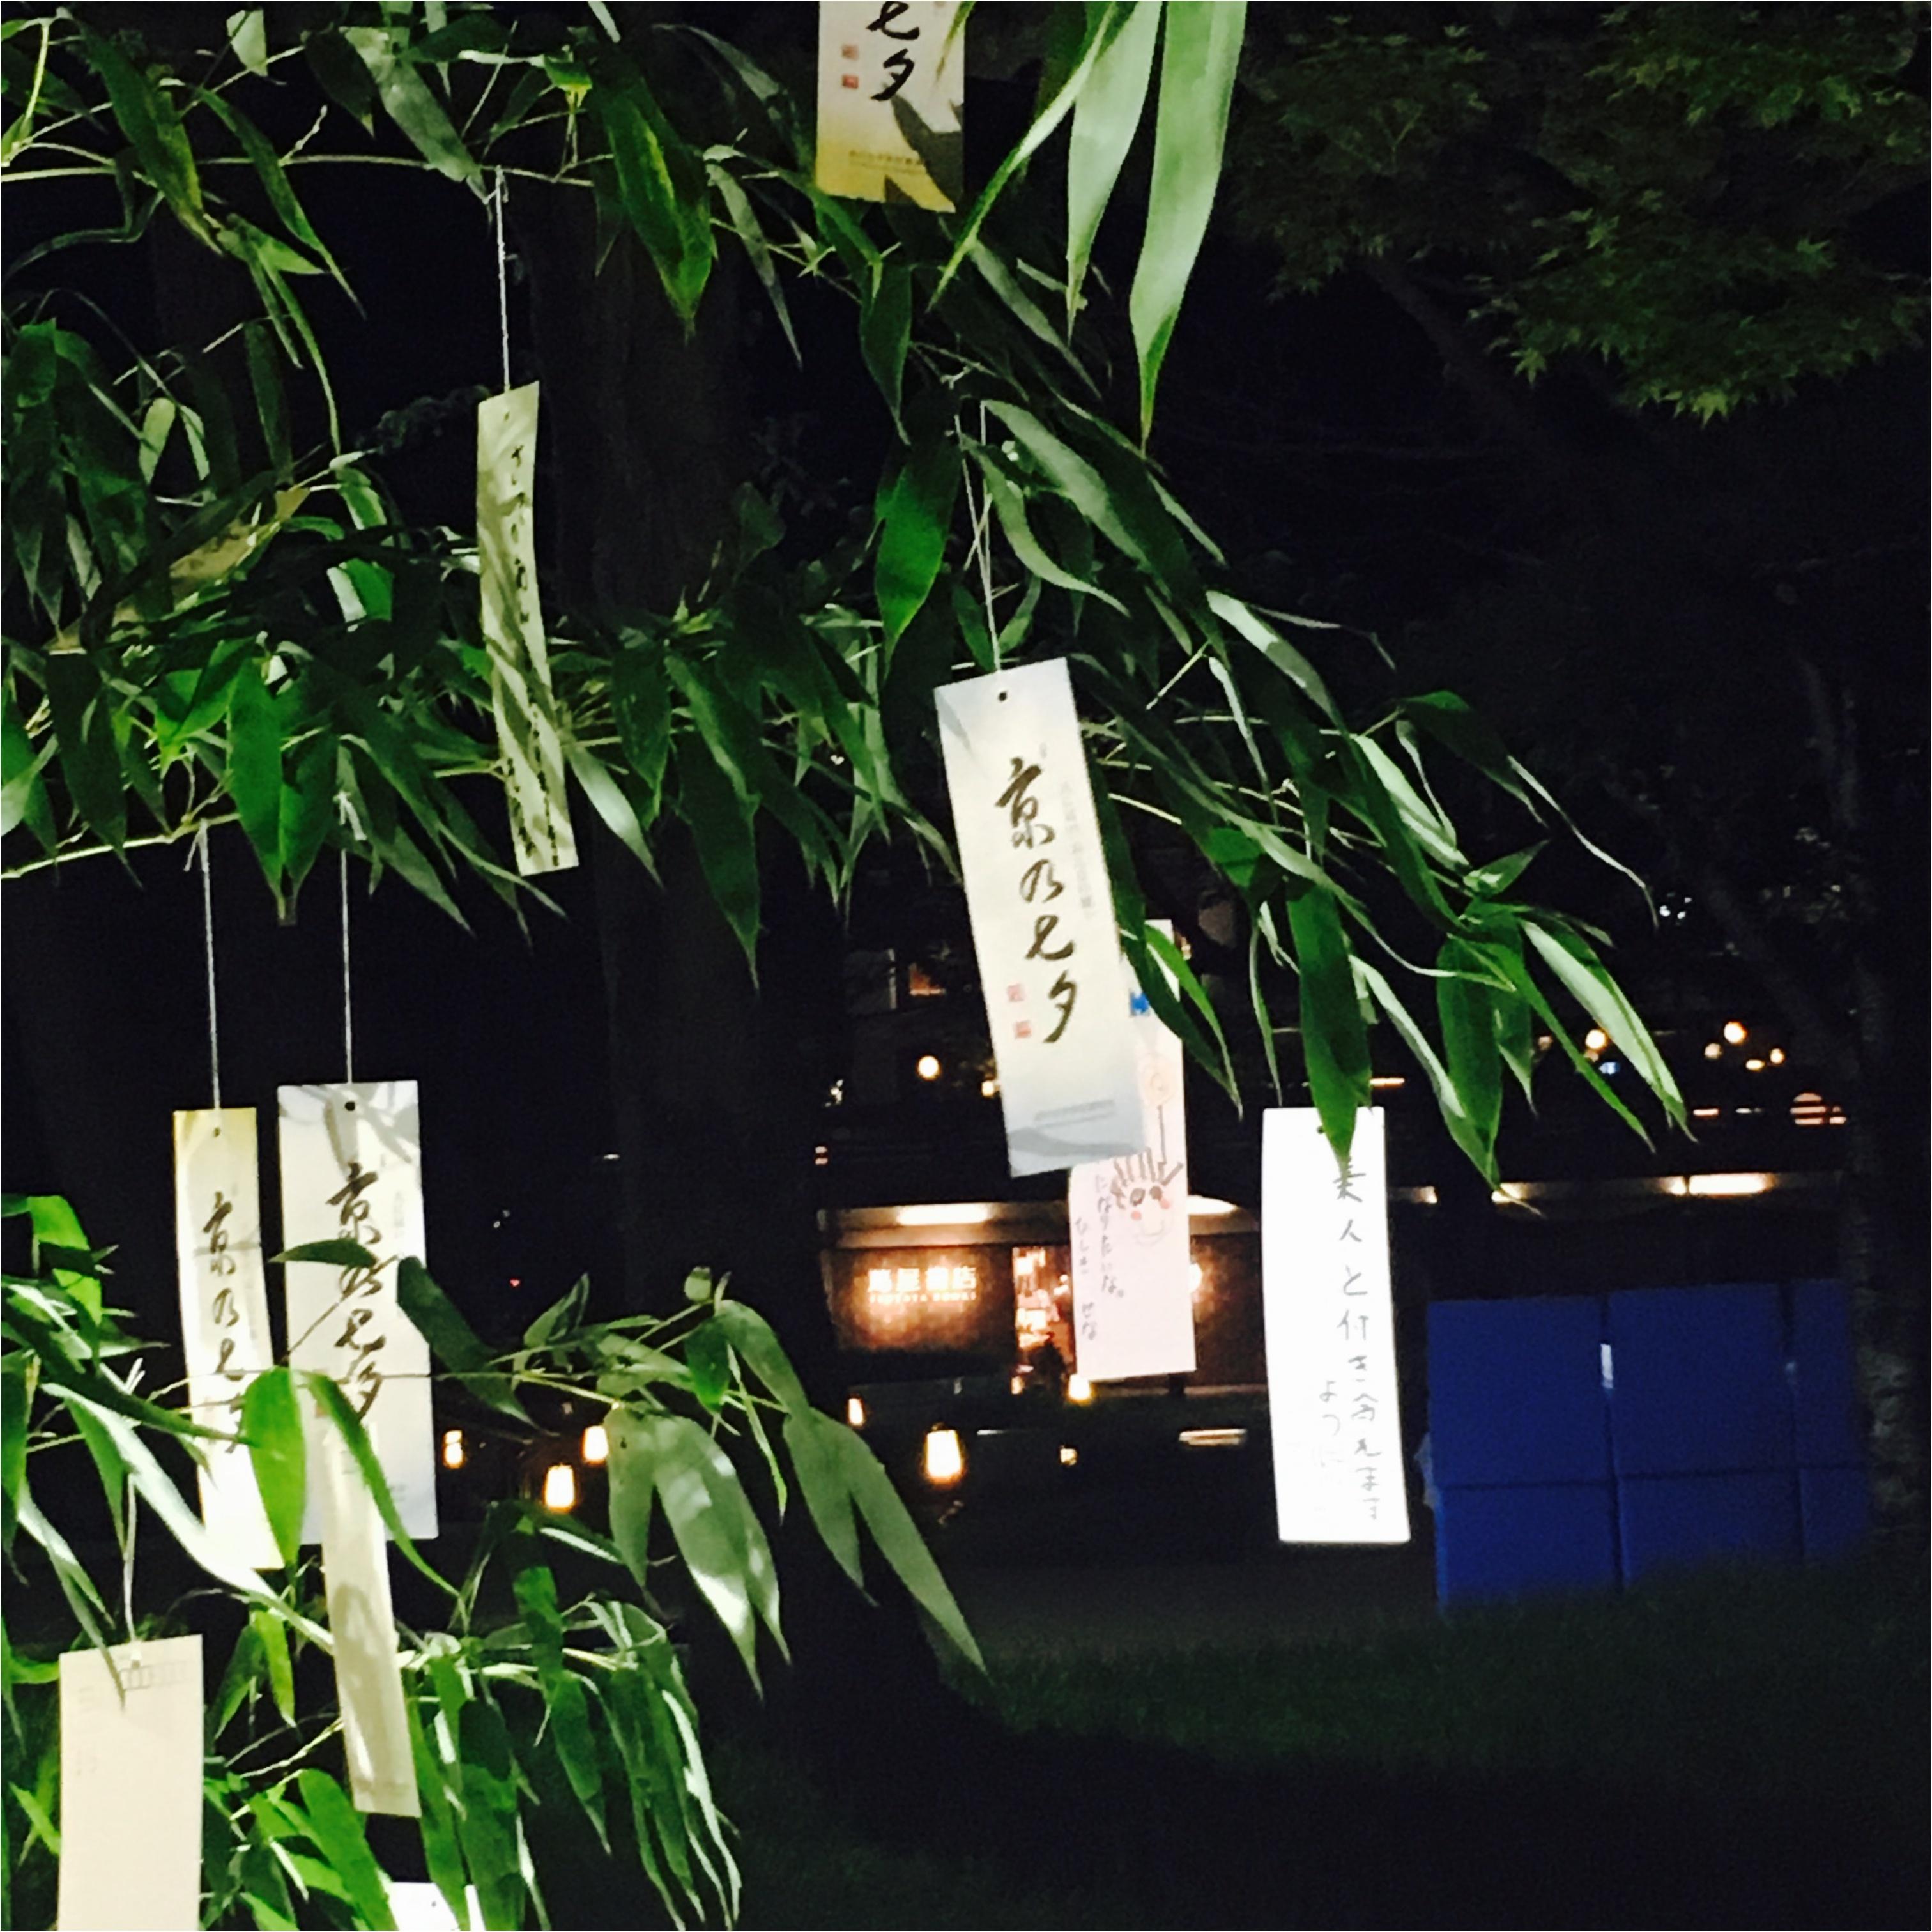 平安神宮[京都]京の七夕へ行ってきました!_1